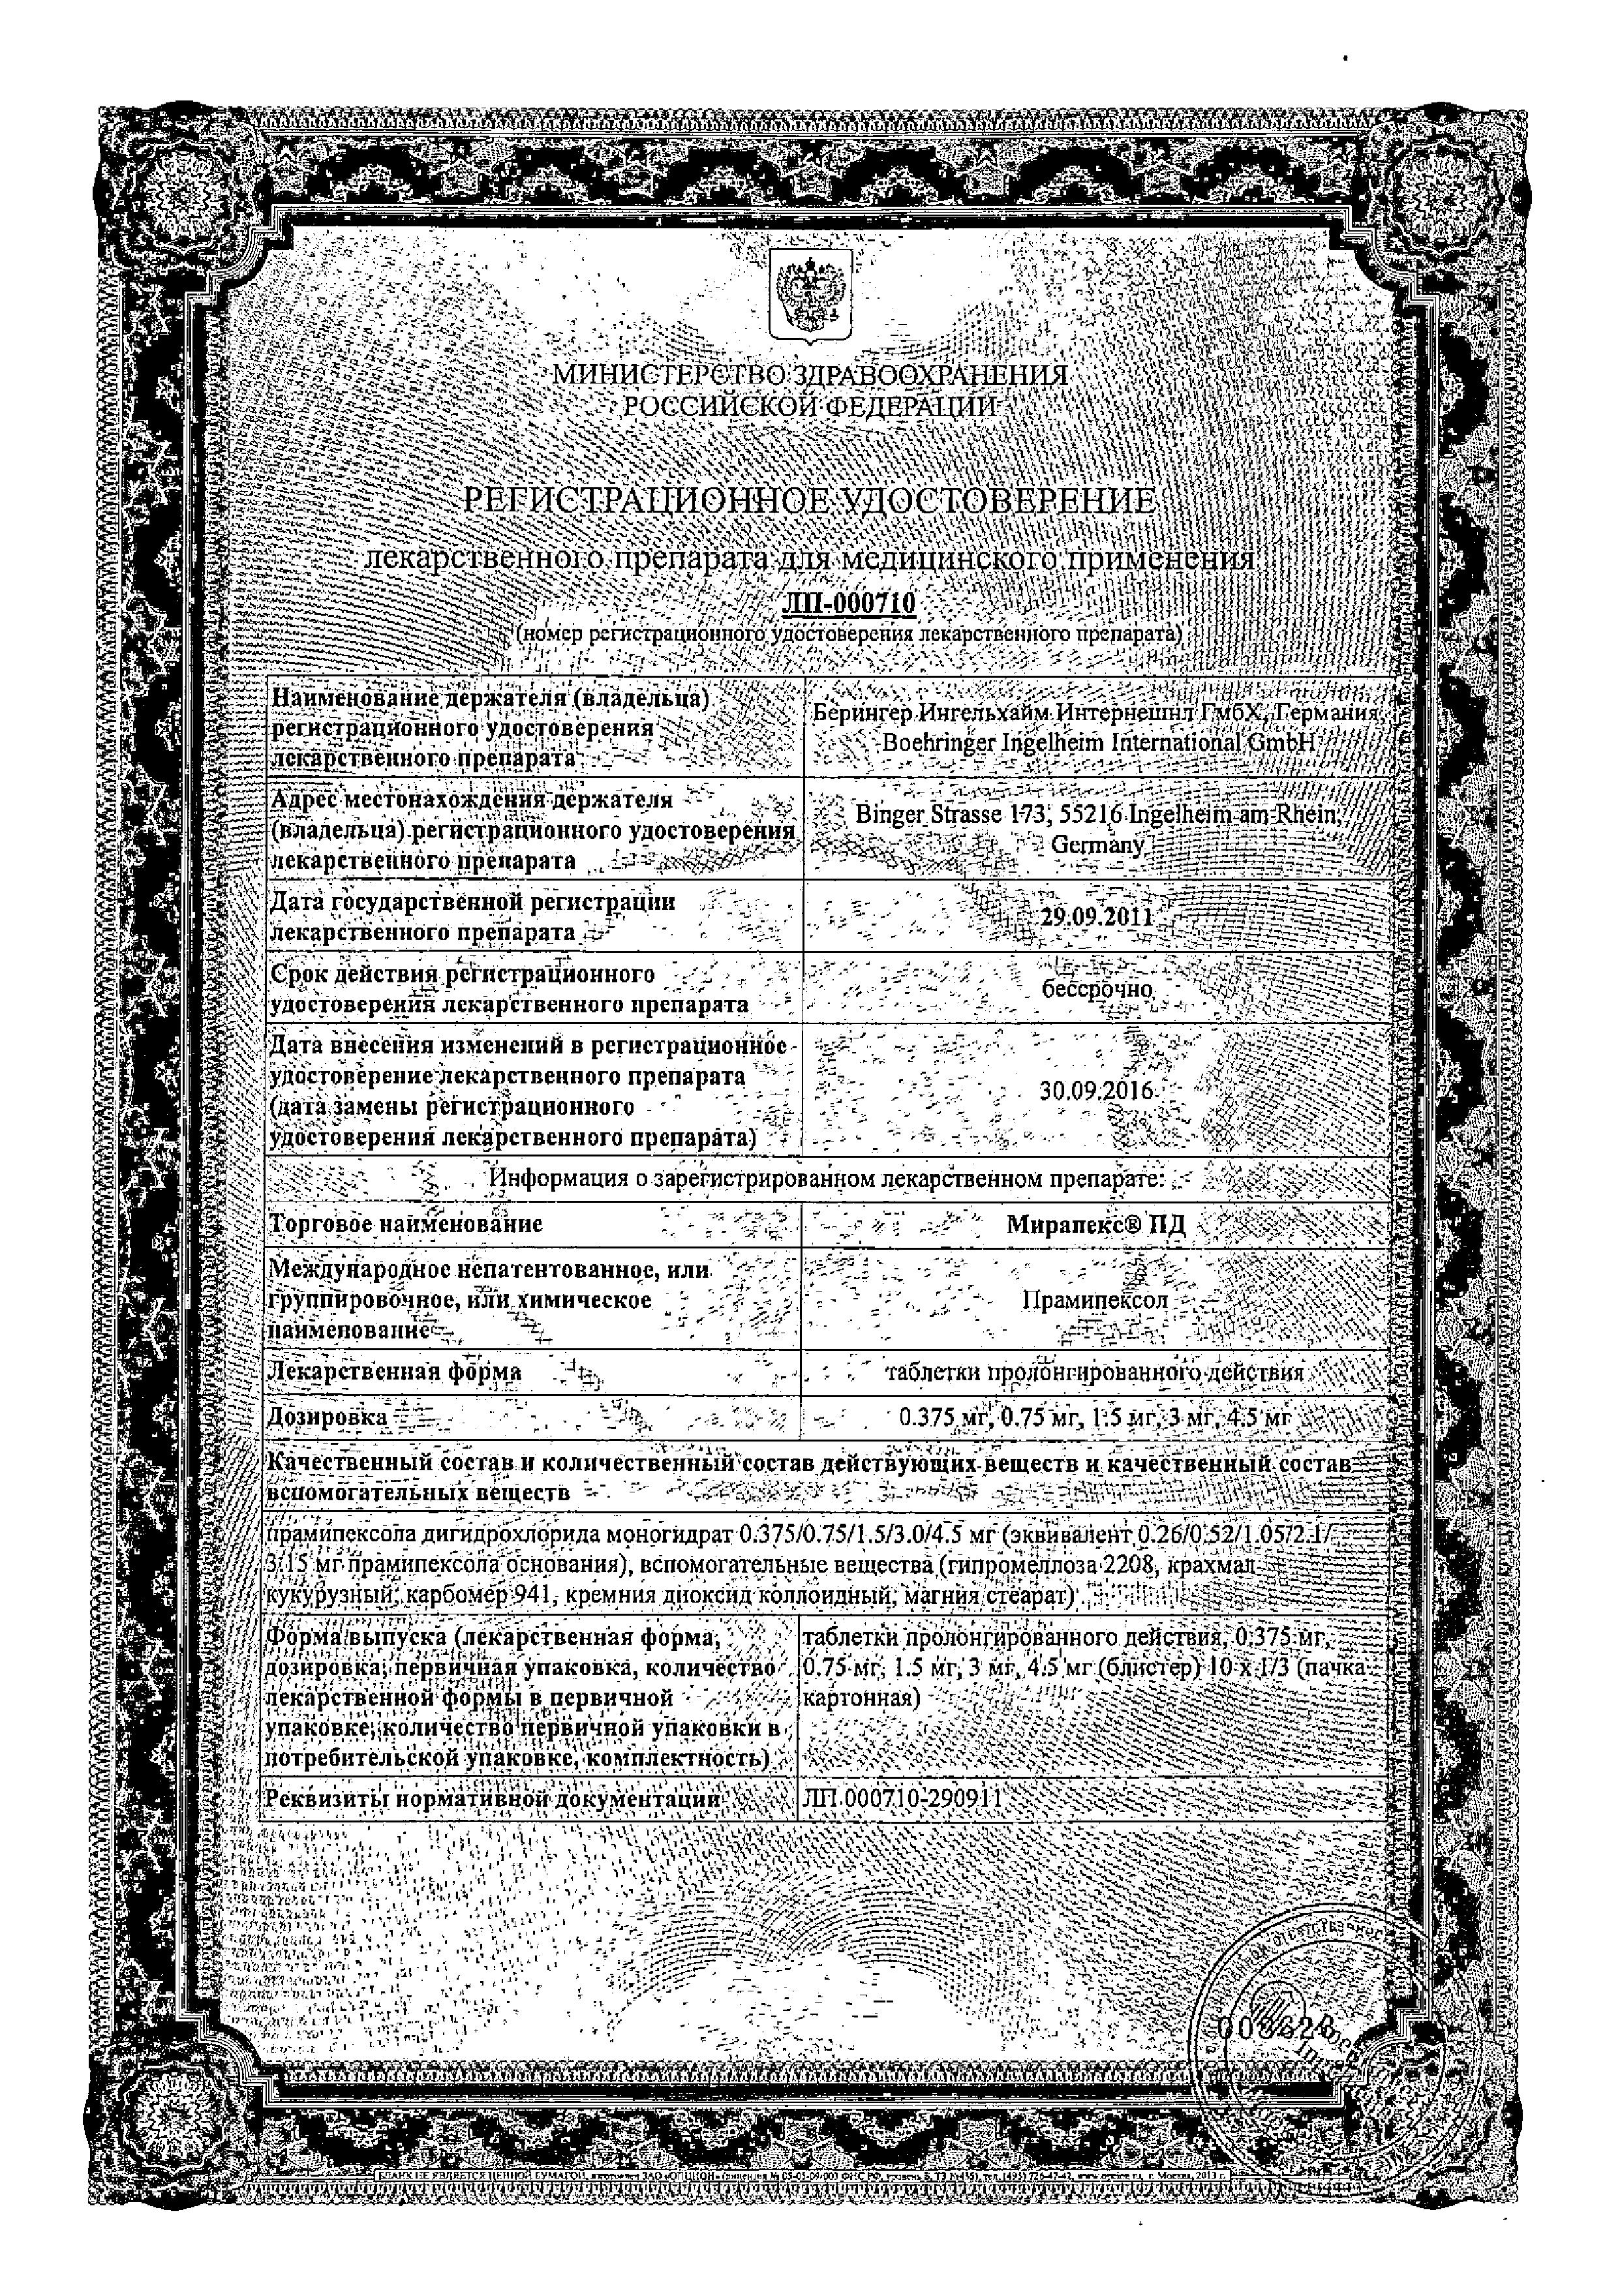 Мирапекс ПД сертификат